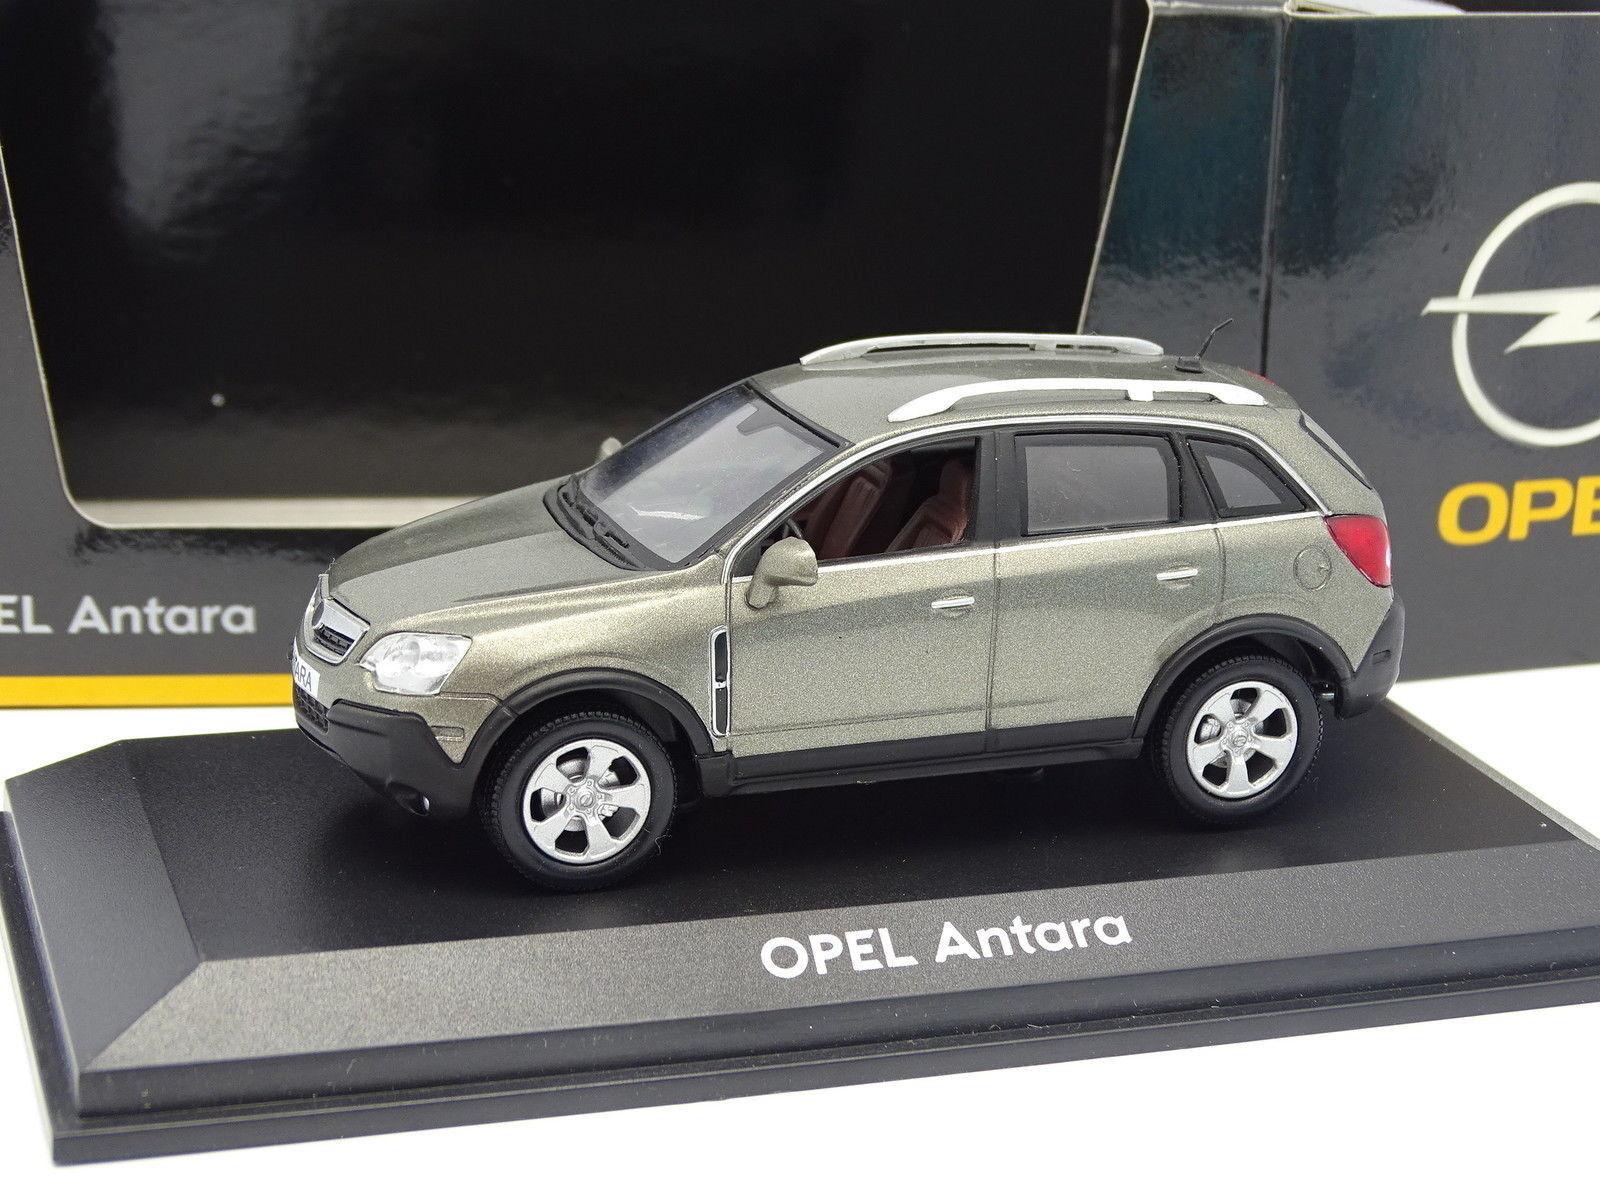 Norev 1 43 - Opel Antara  | Preiszugeständnisse